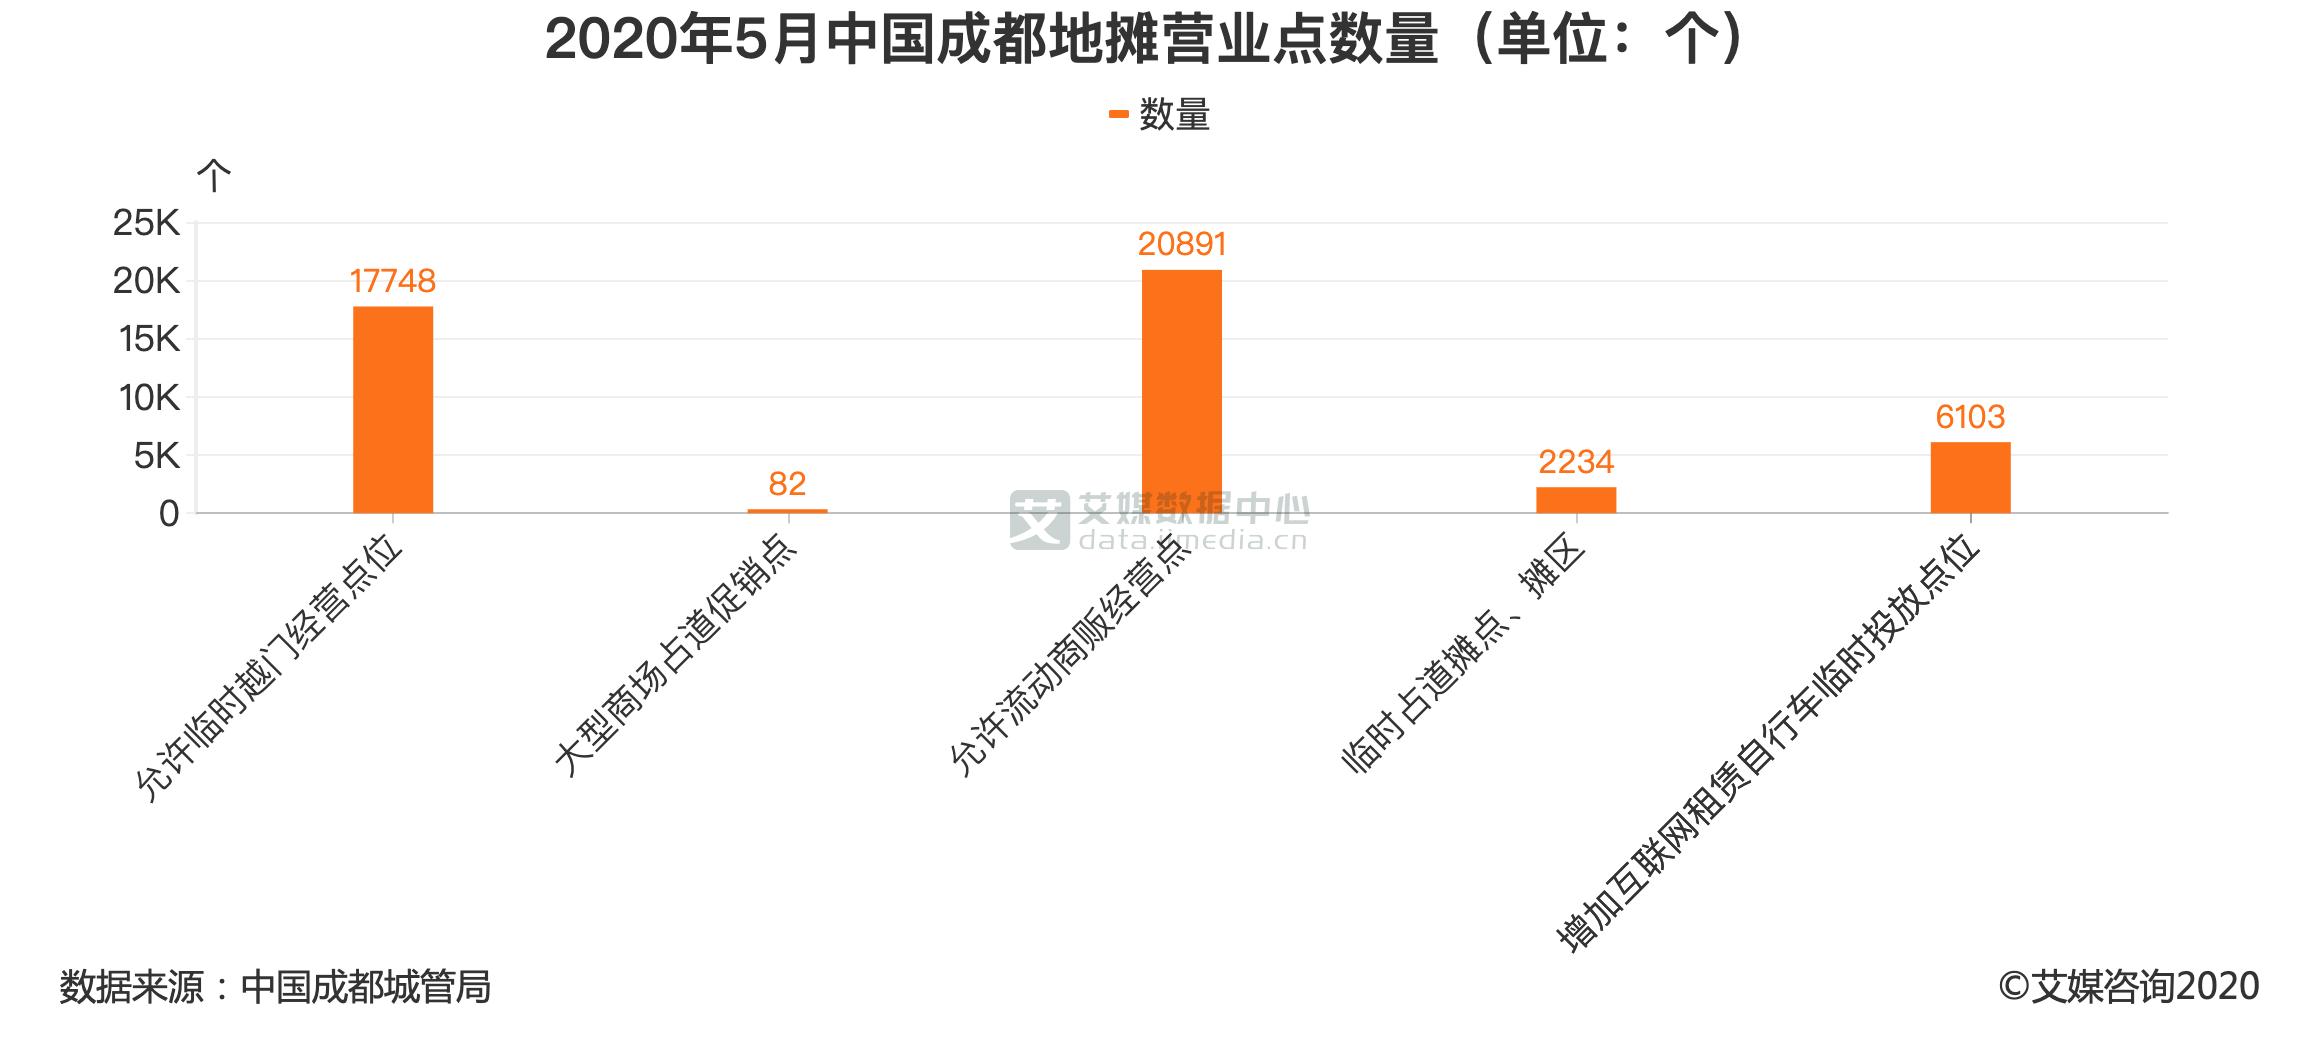 2020年5月中国成都地摊营业点数量(单位:个)